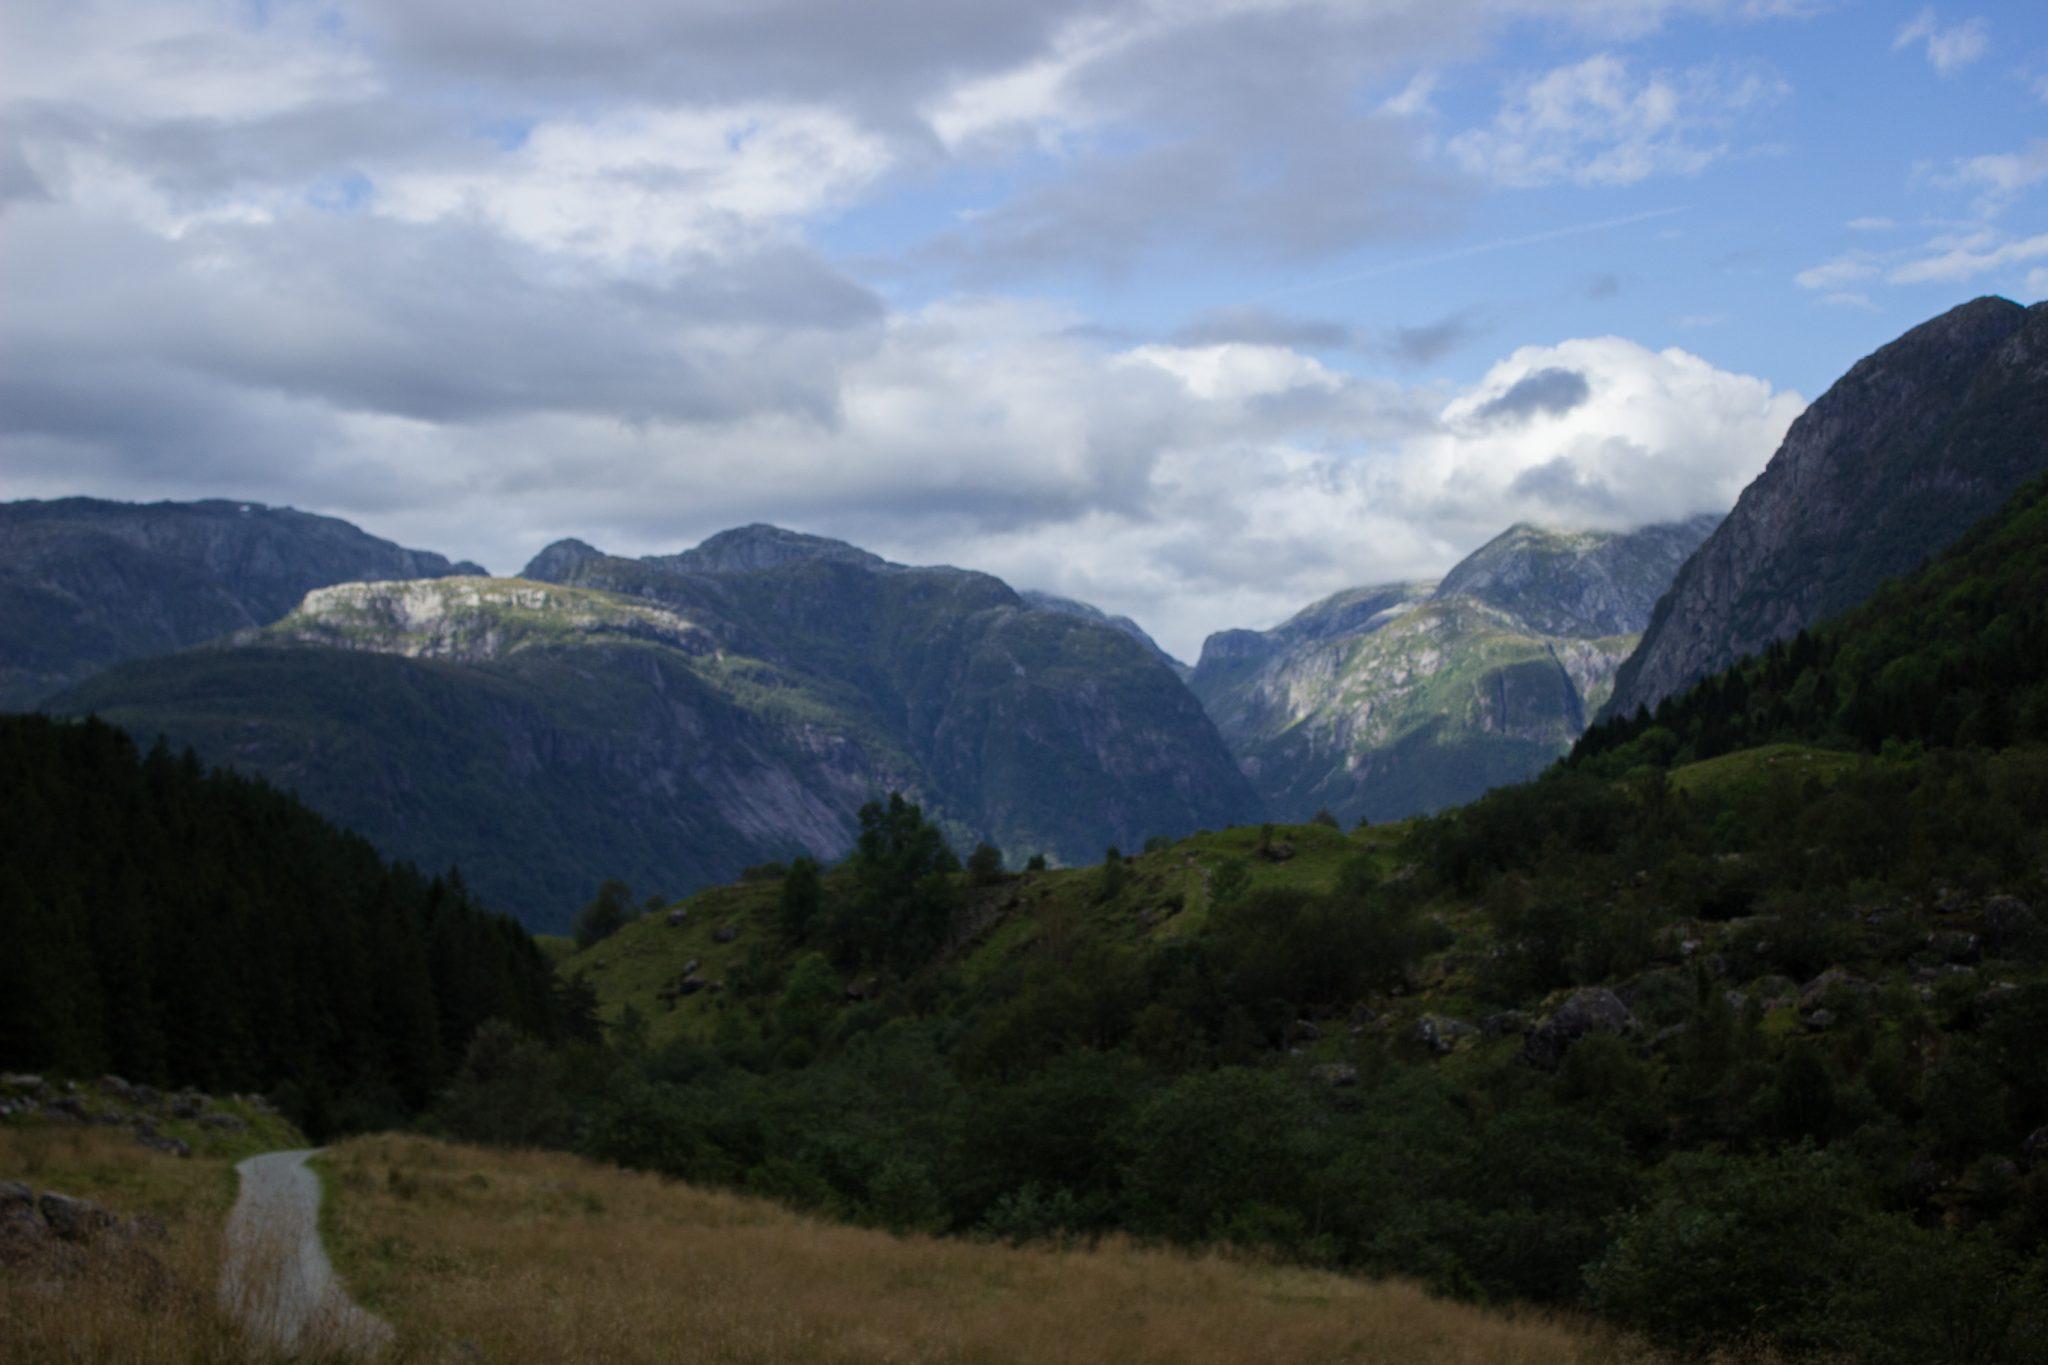 Wanderung vom Ort Sundal bis zum Gletscher Bondhusbreen im Folgefonna Nationalpark, traumhafte Bergkulisse, schöner Sommertag, umgeben von Wald, Wanderpfad Richtung Gletscher